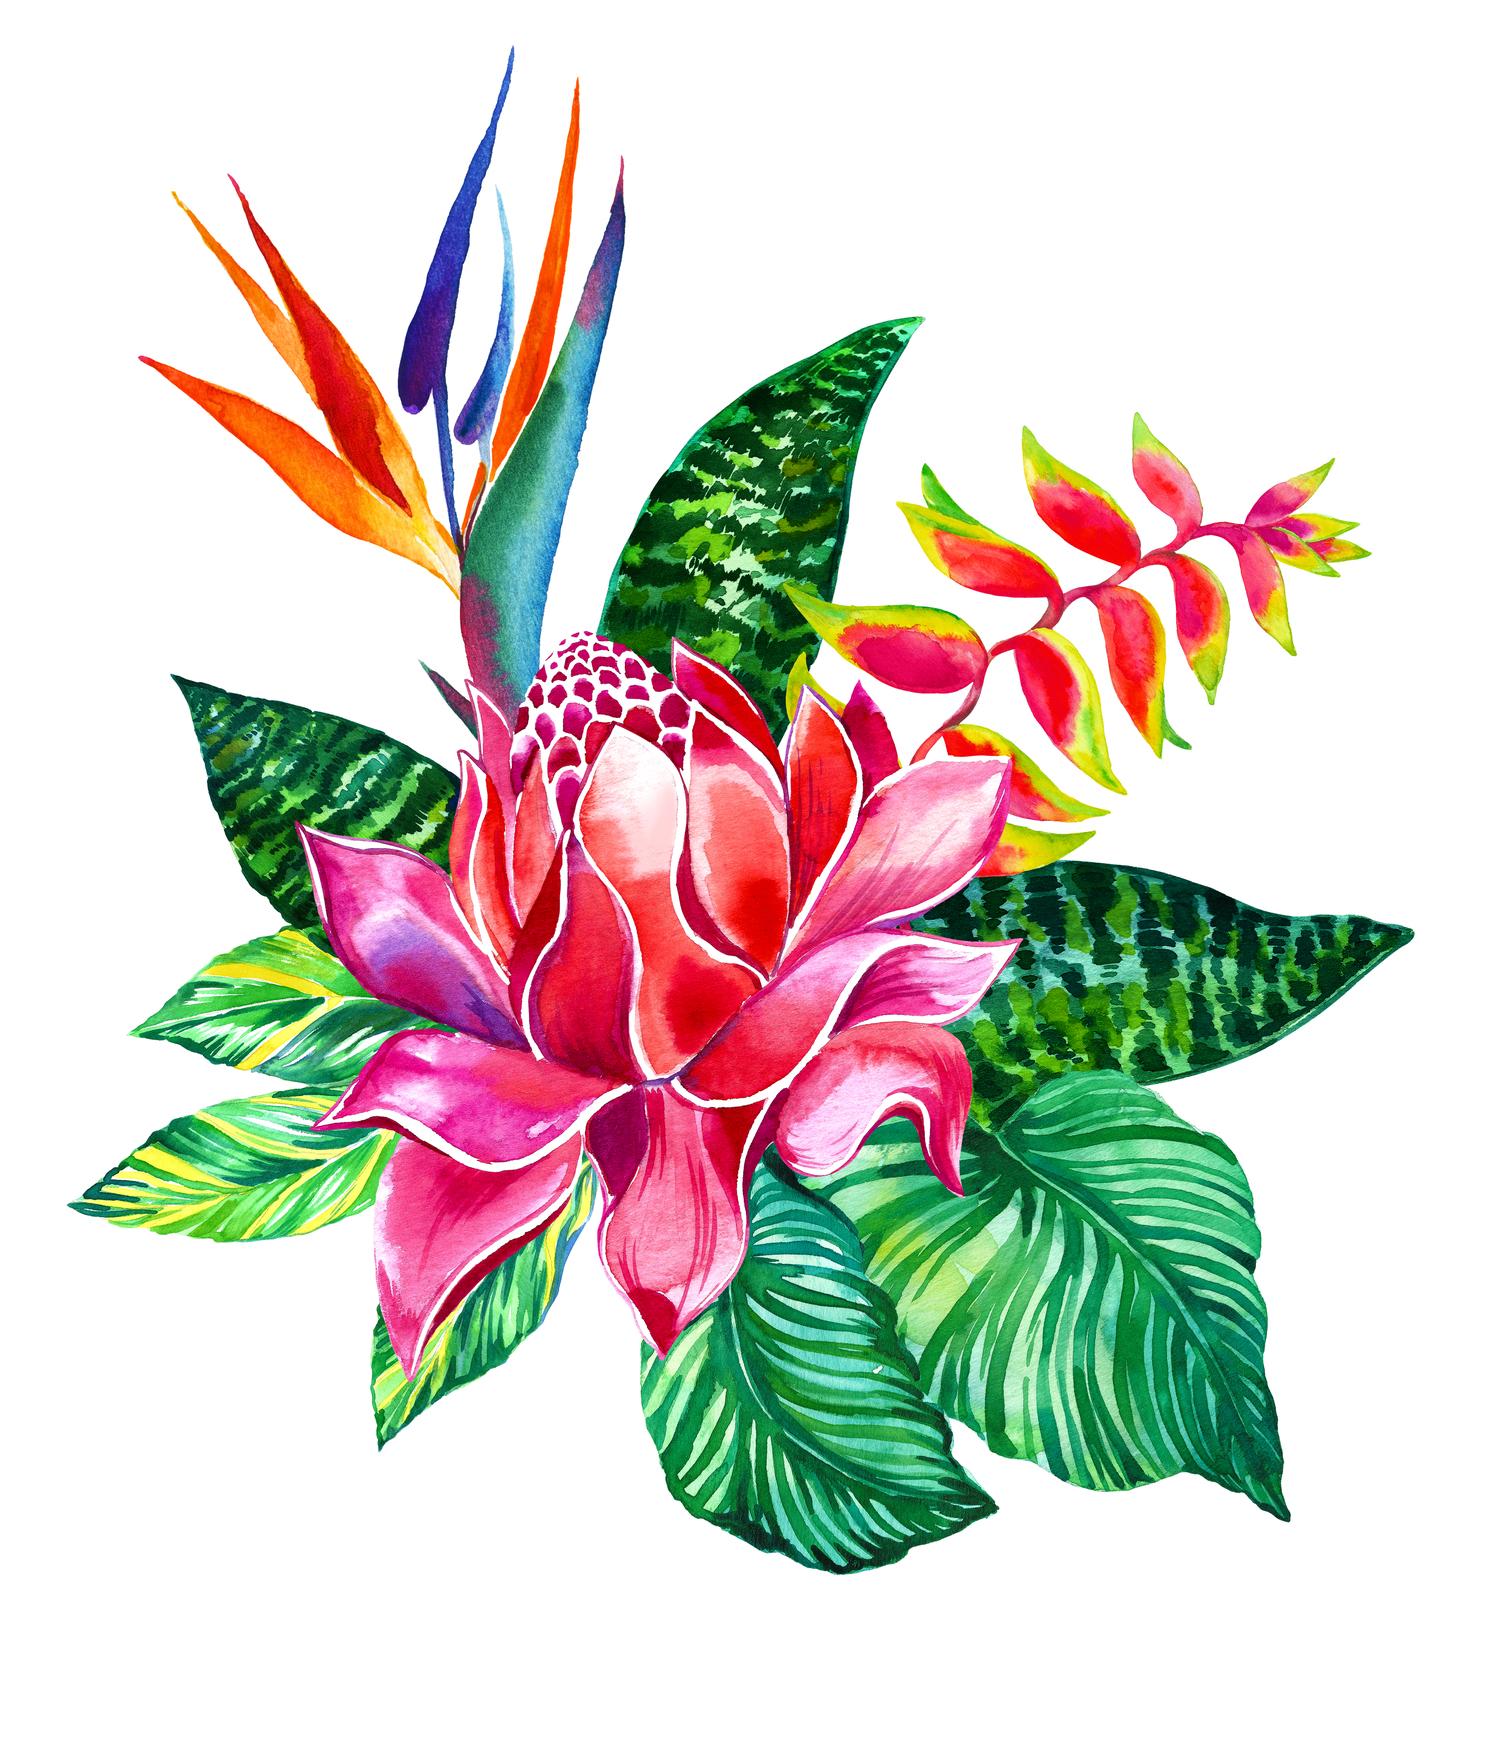 одно время, тропические цветы картинки нарисованые к?н